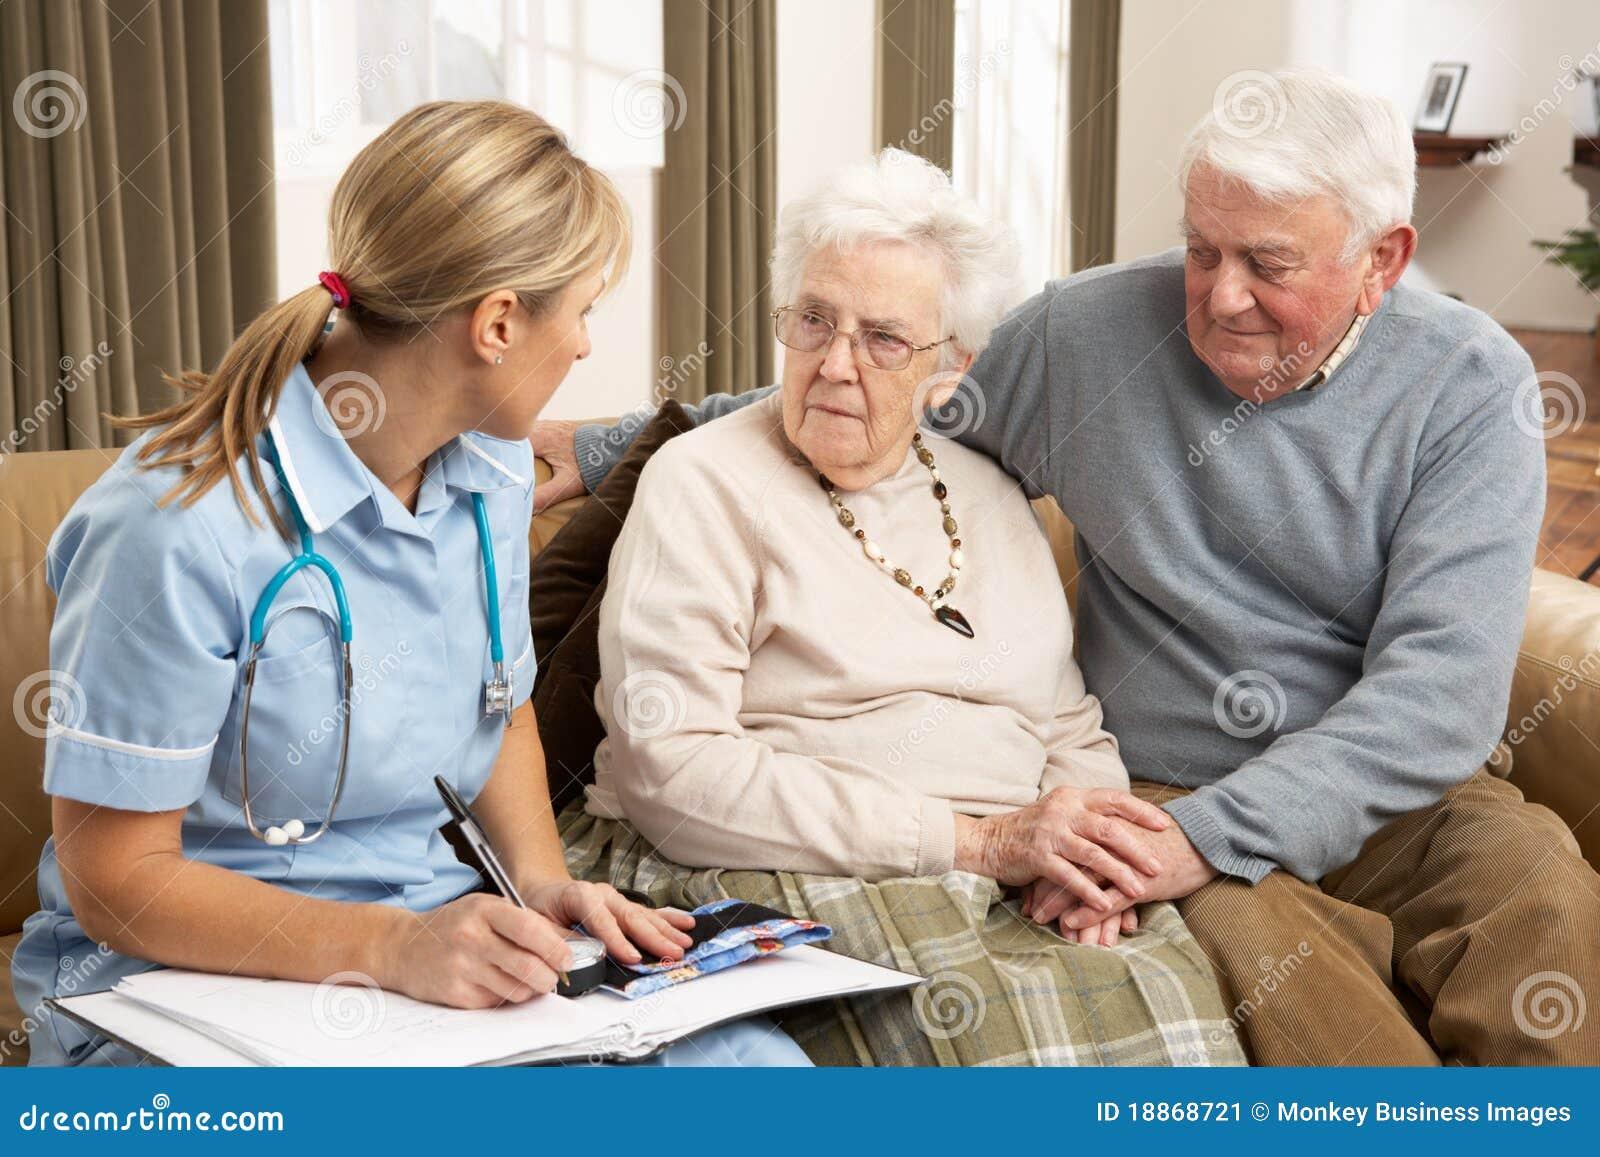 Ανώτερο ζεύγος στη συζήτηση με τον επισκέπτη υγείας στο σπίτι